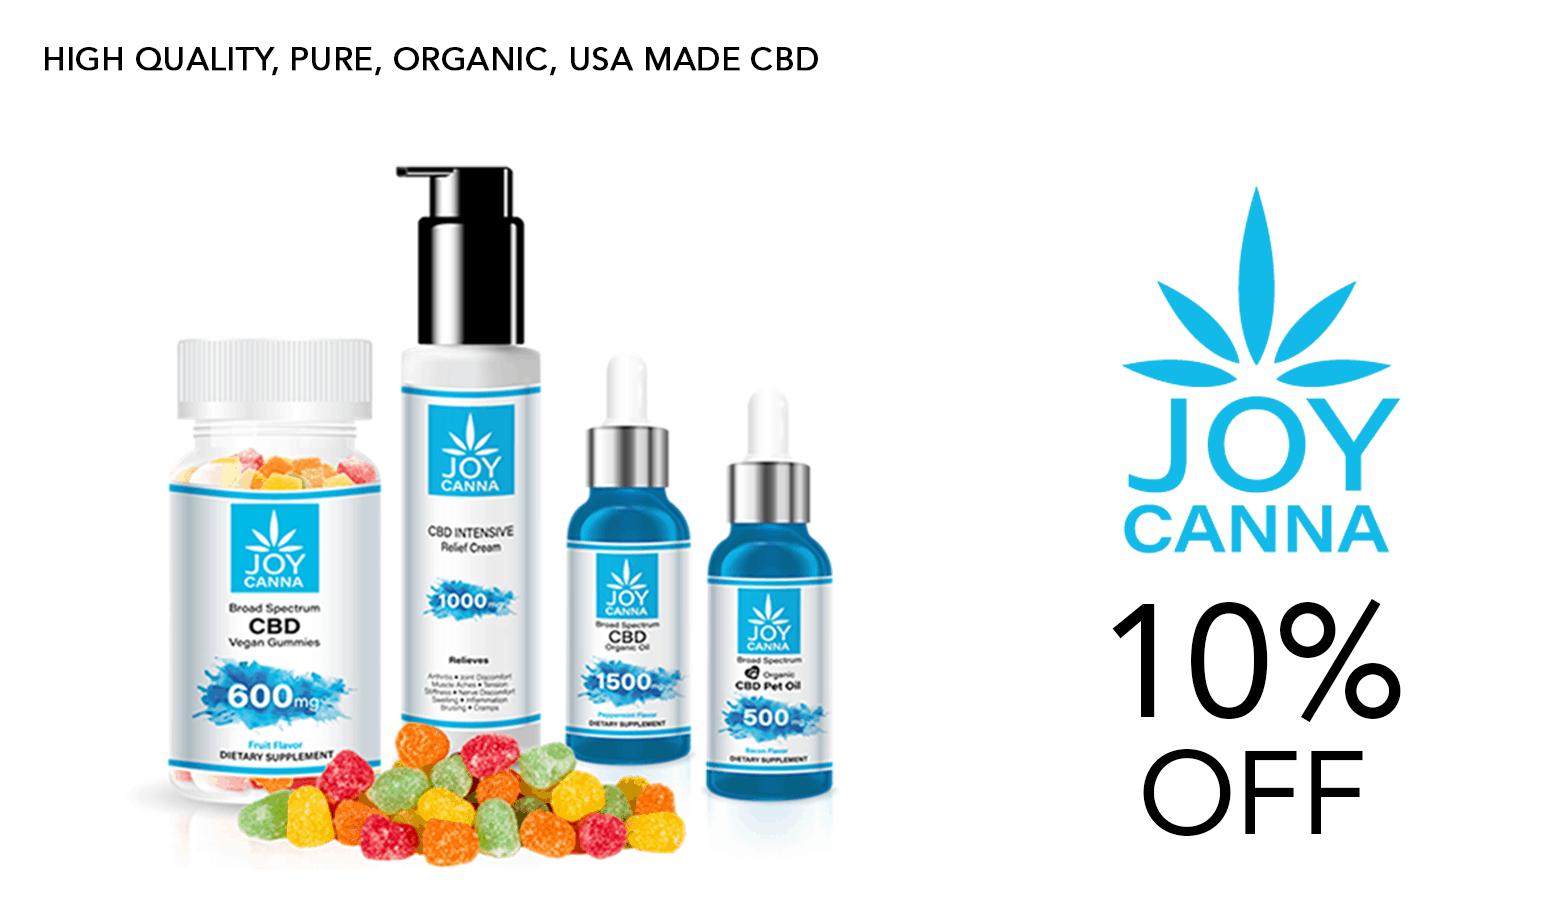 Joy Canna CBD Coupon Code Promo